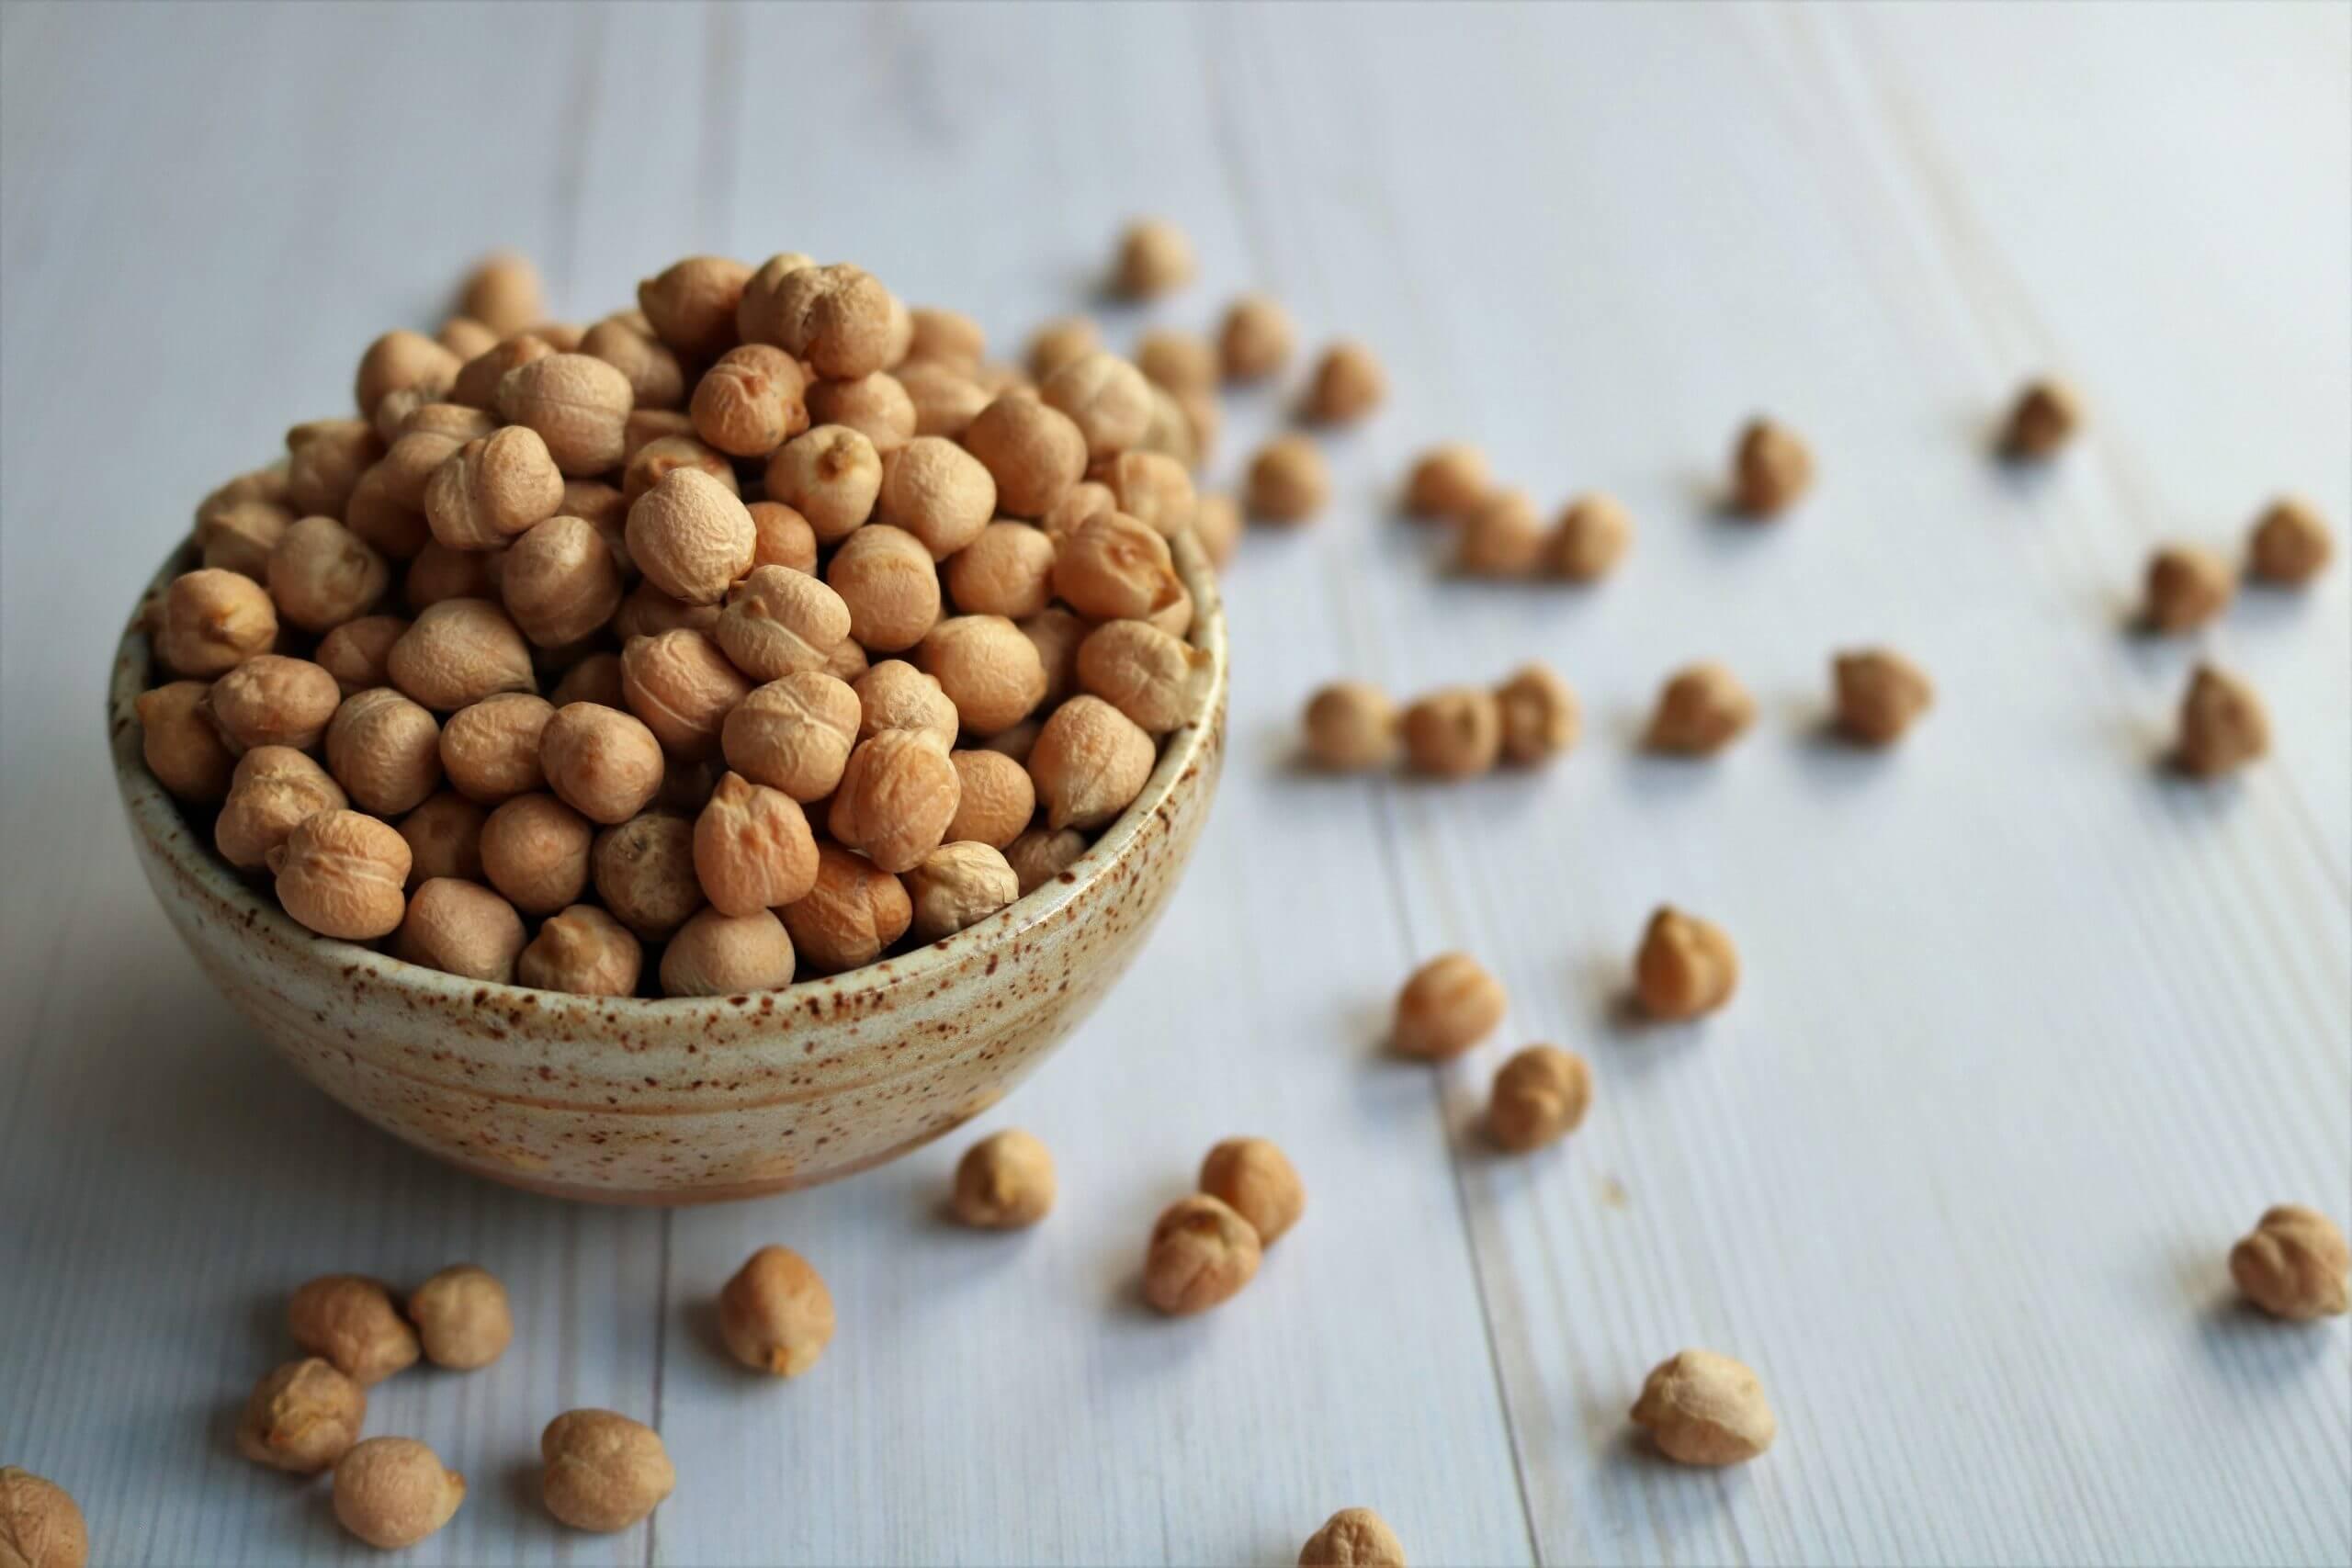 Plantaardige vervanger voor vlees: peulvruchten